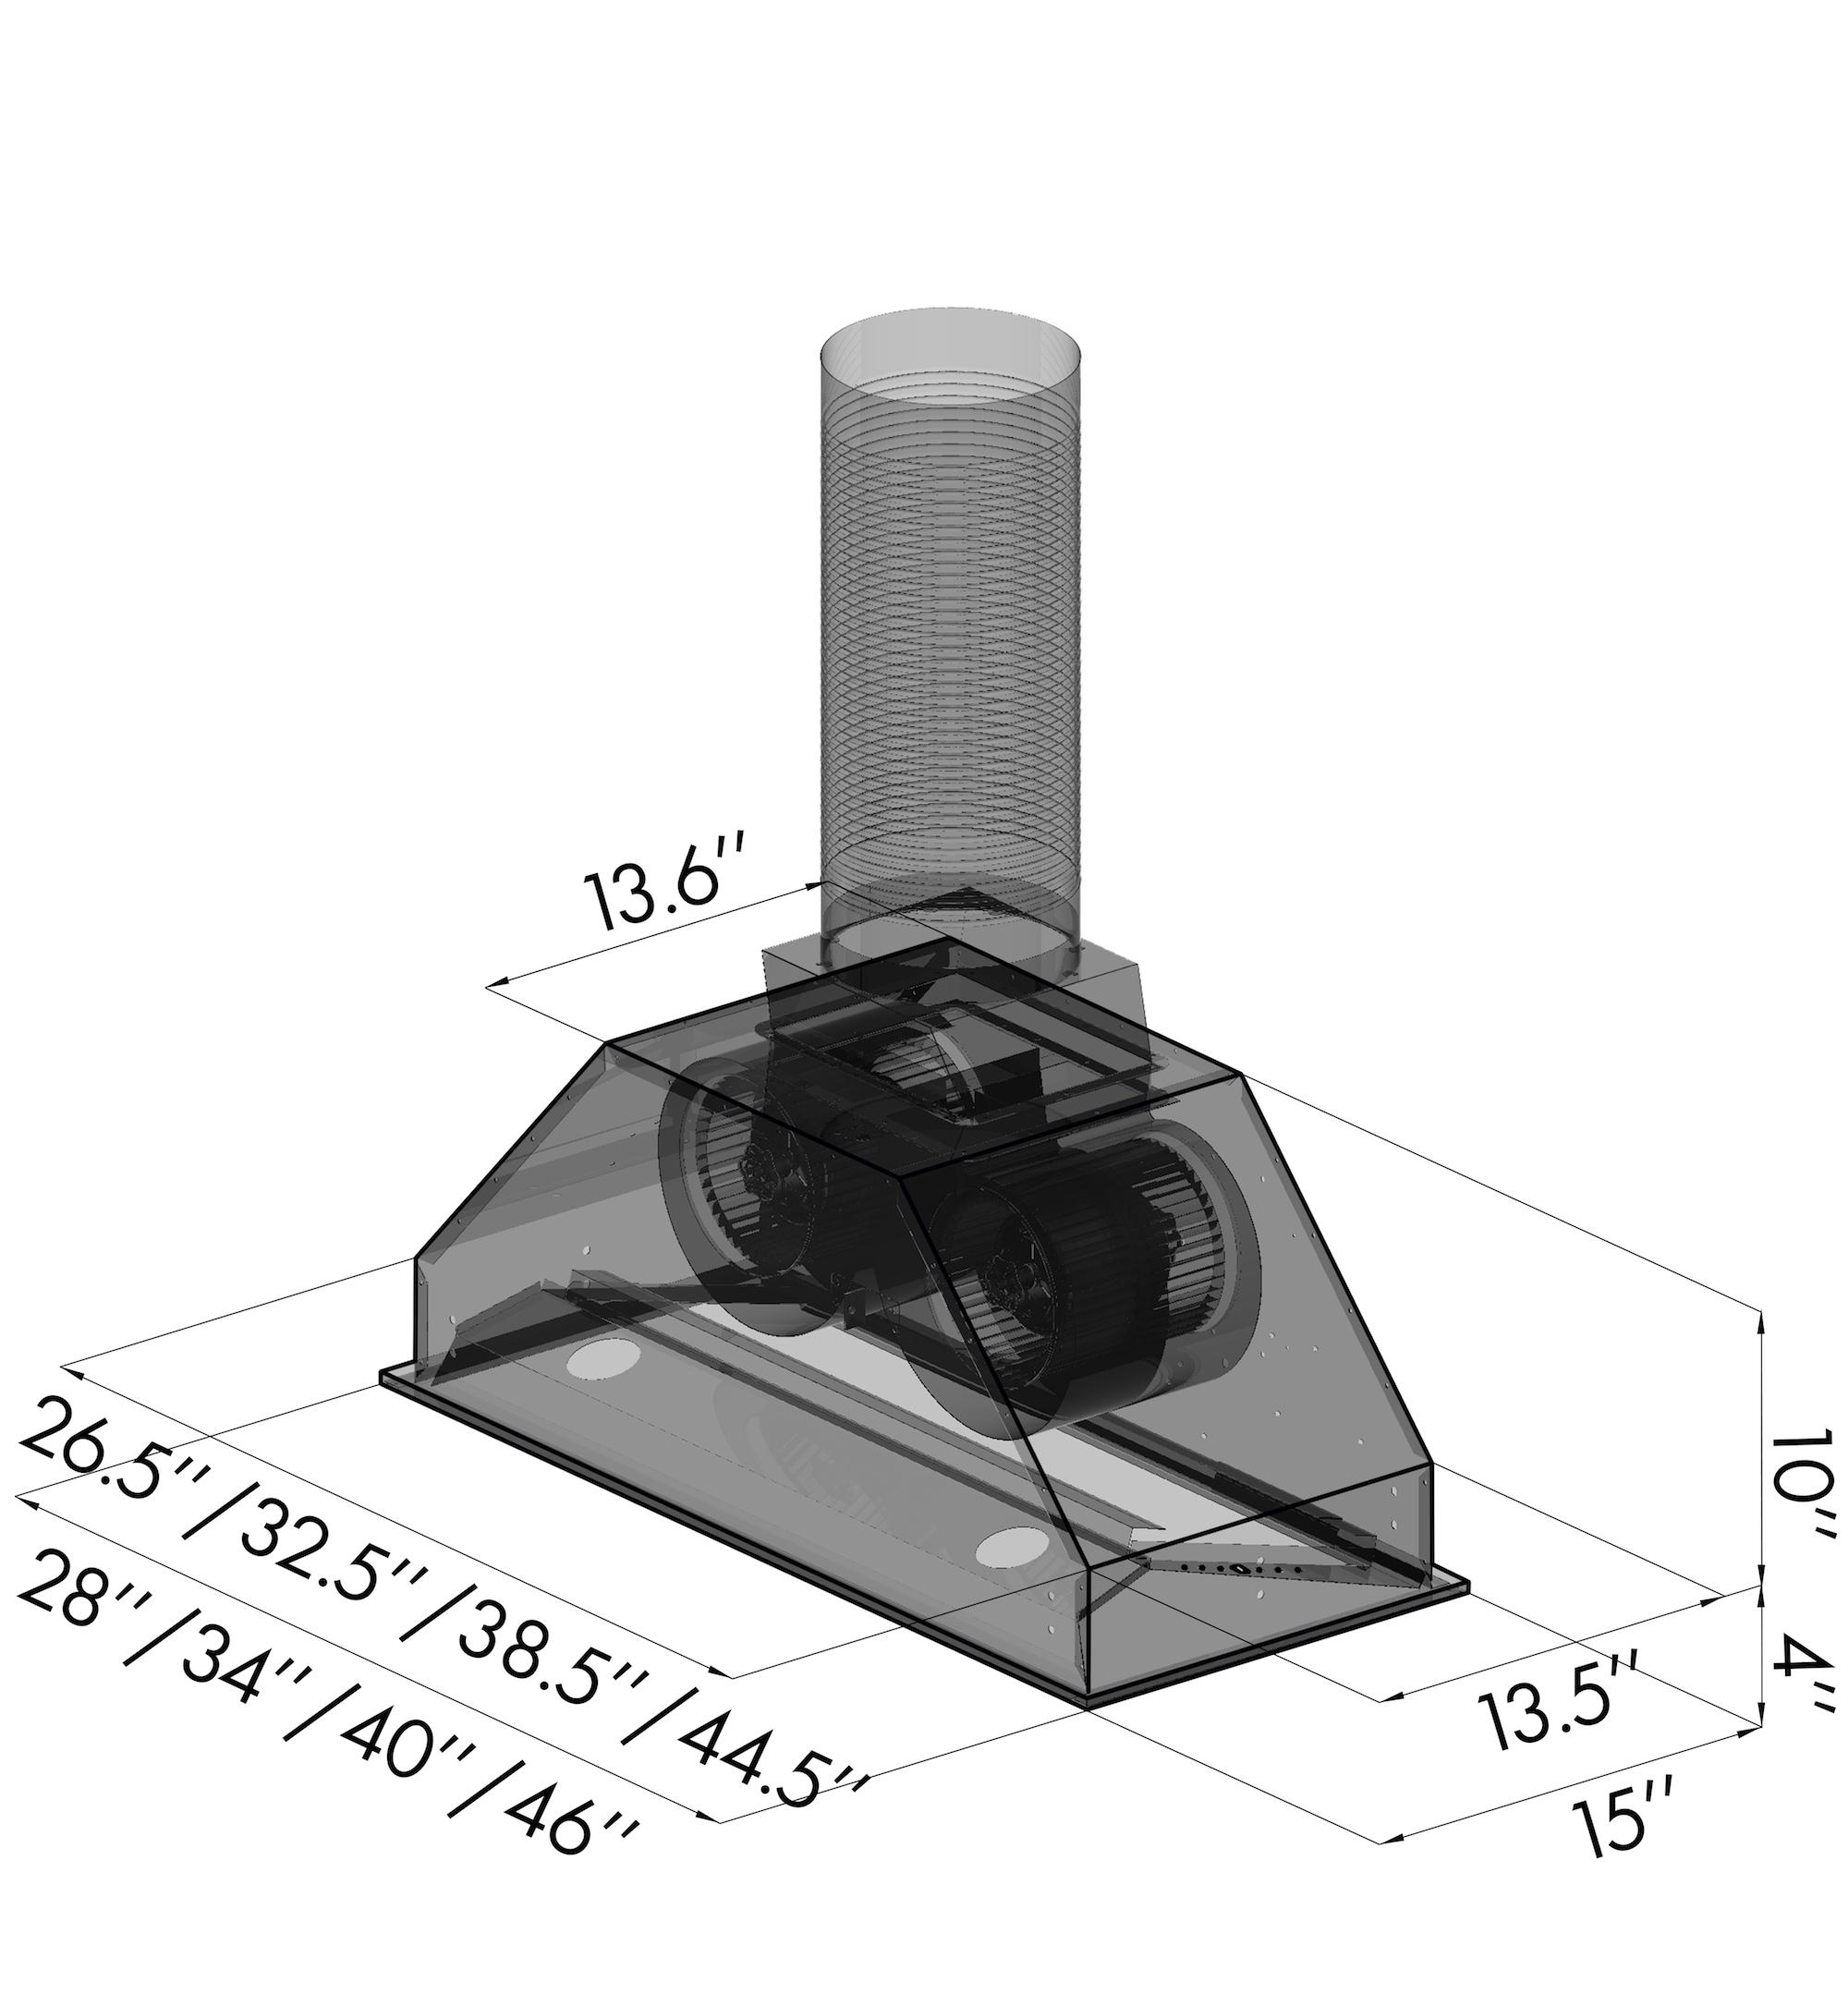 zline-stainless-steel-range-insert-695_28-graphic.jpg